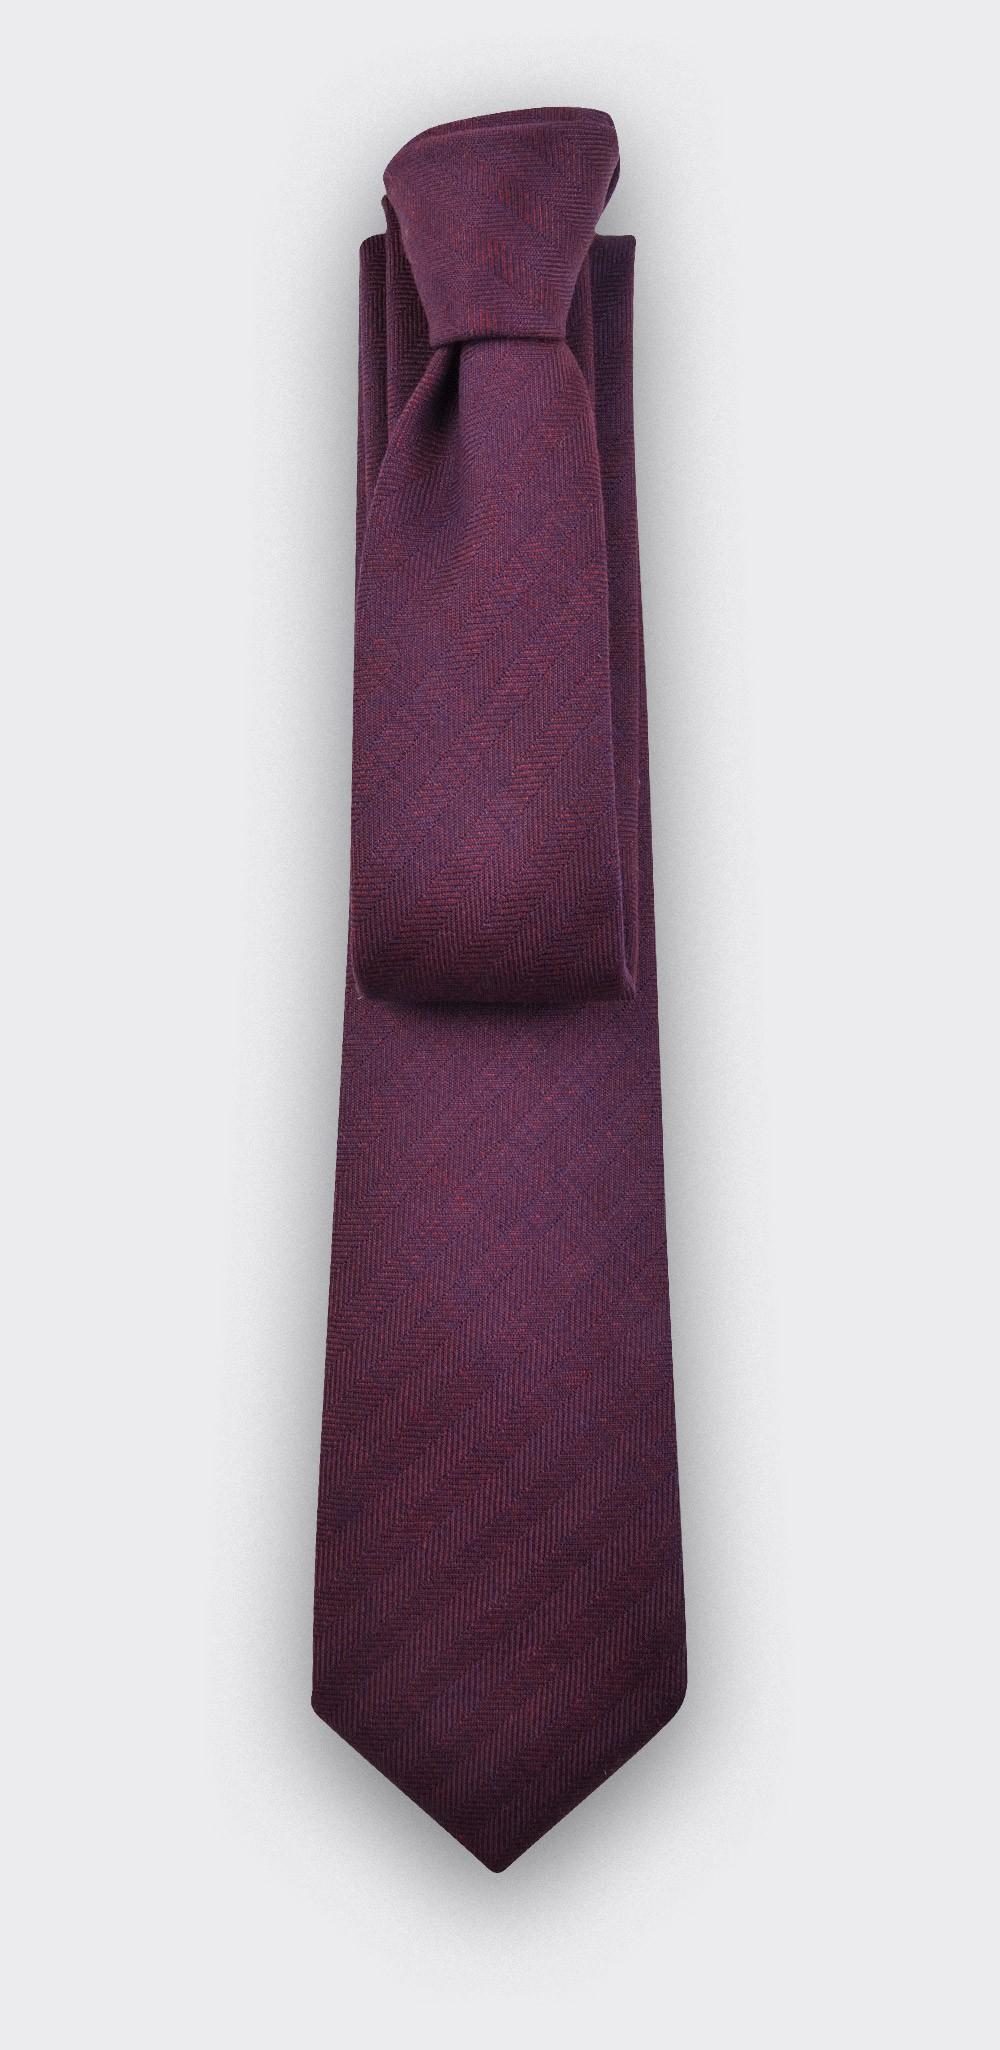 Burgundy Herringbone Tie - cinabre paris